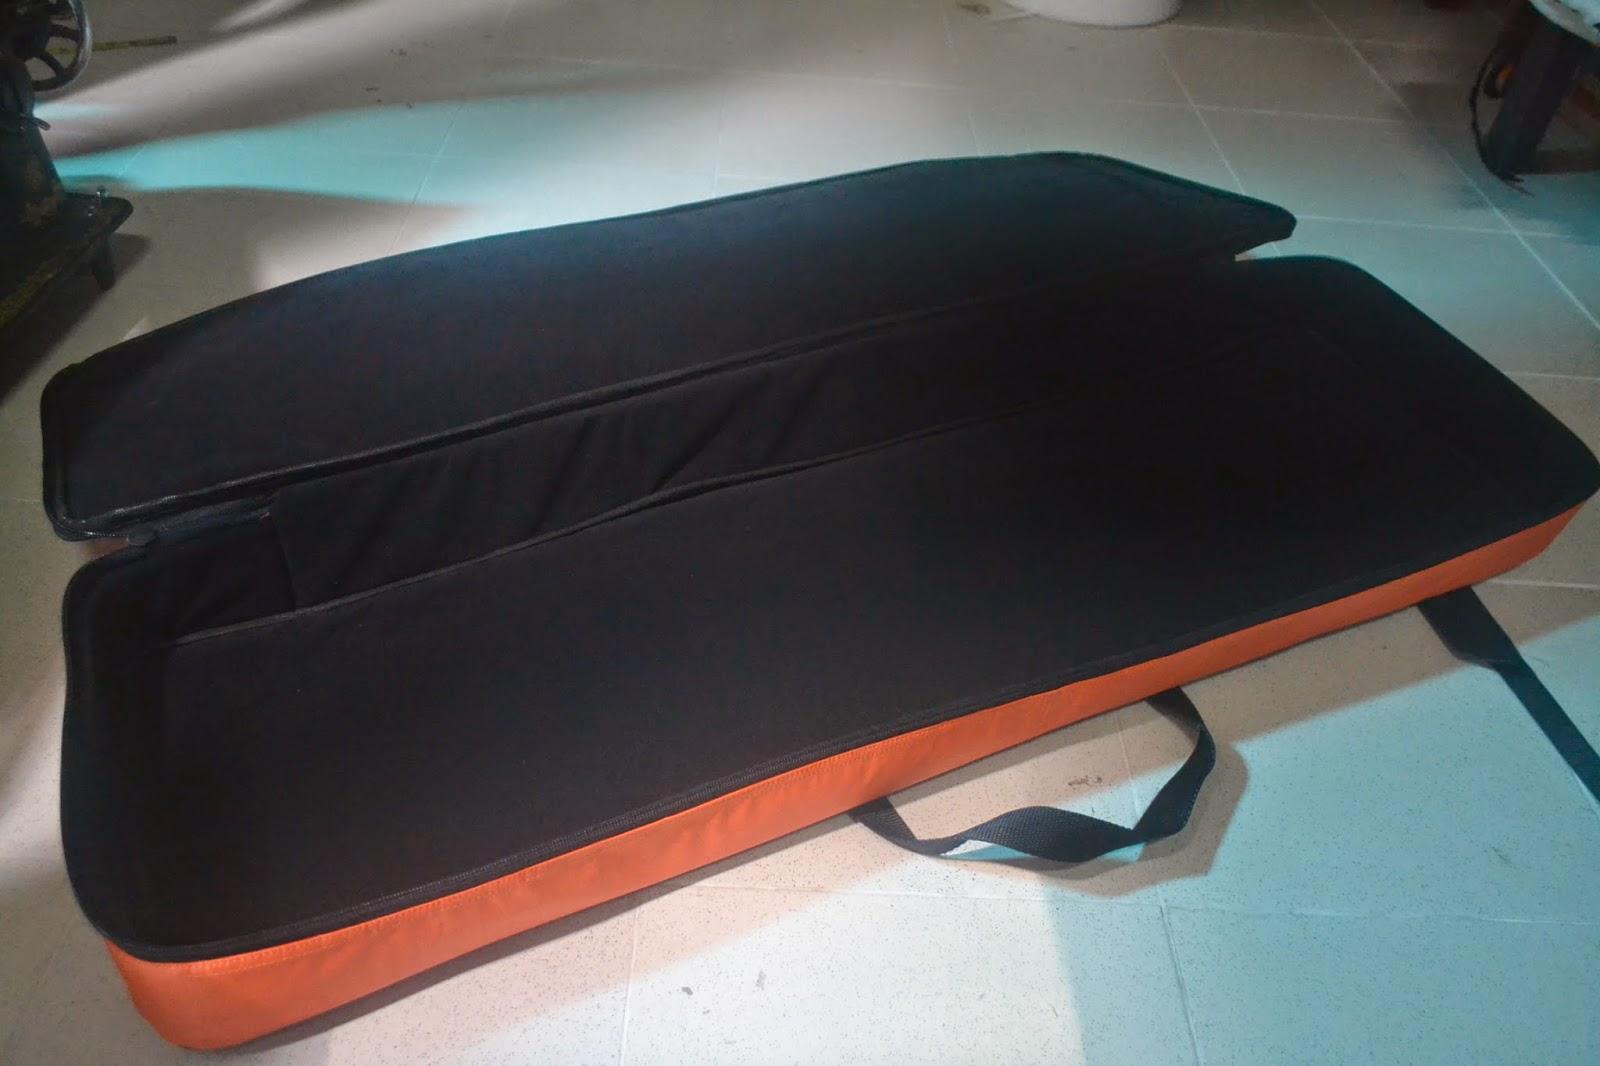 Jual Tas/Softcase Keyboard KORG X50 hitam orange